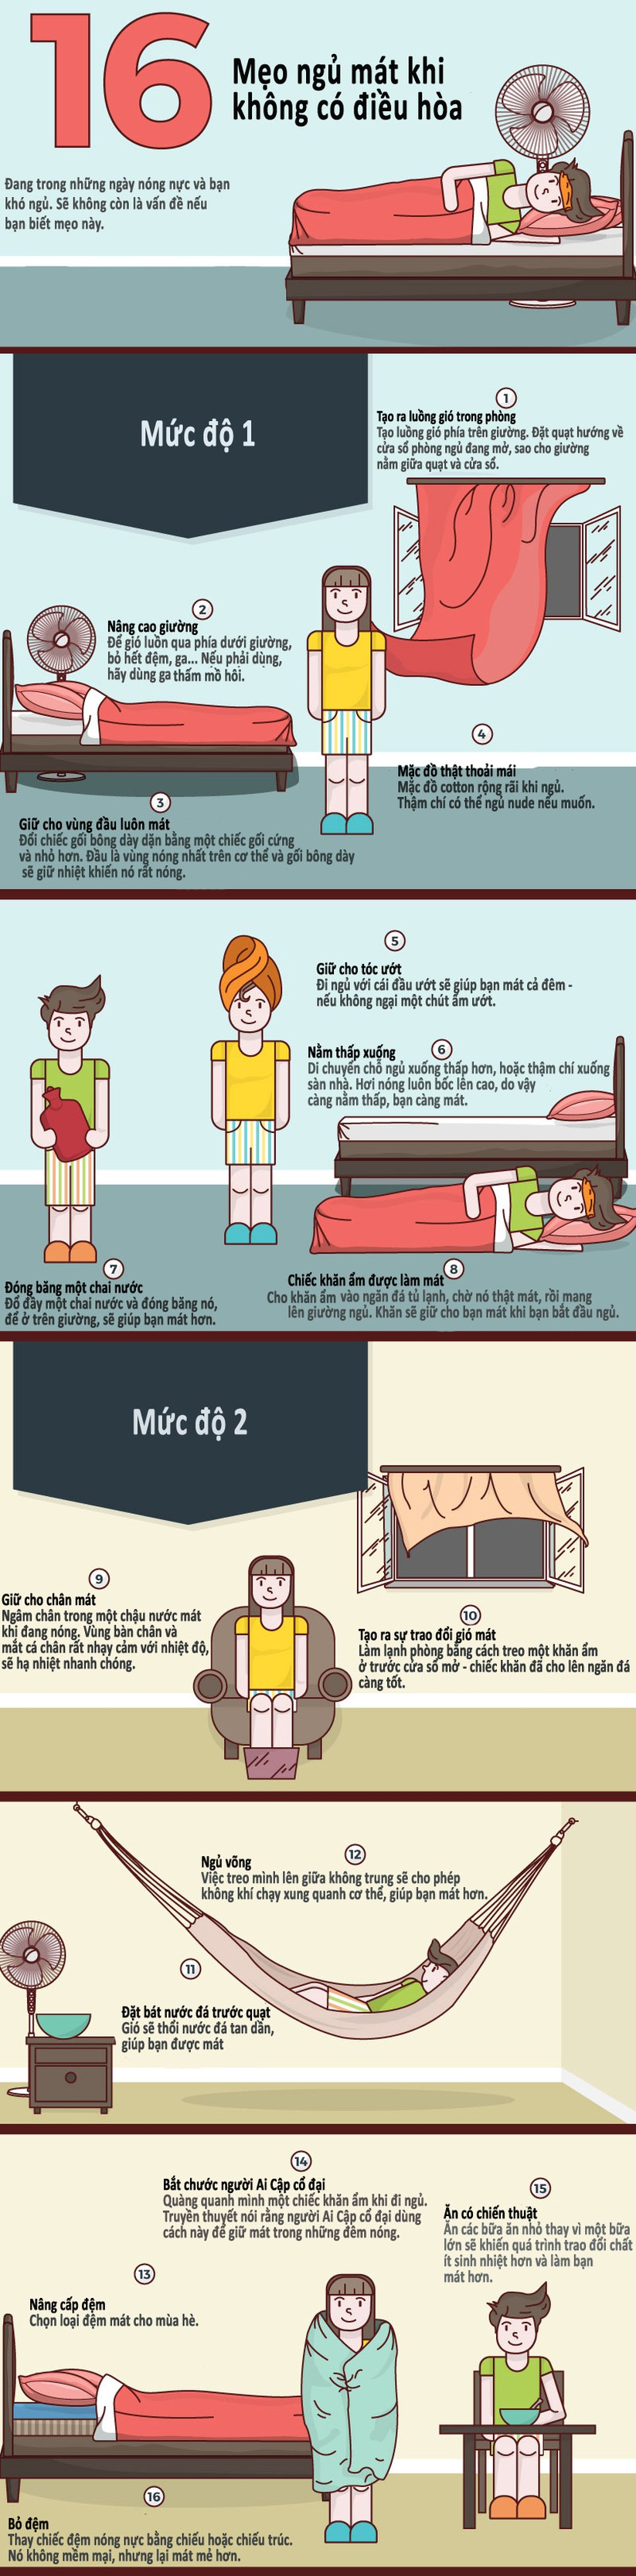 16 mẹo ngủ mát khi không có điều hòa ảnh 1